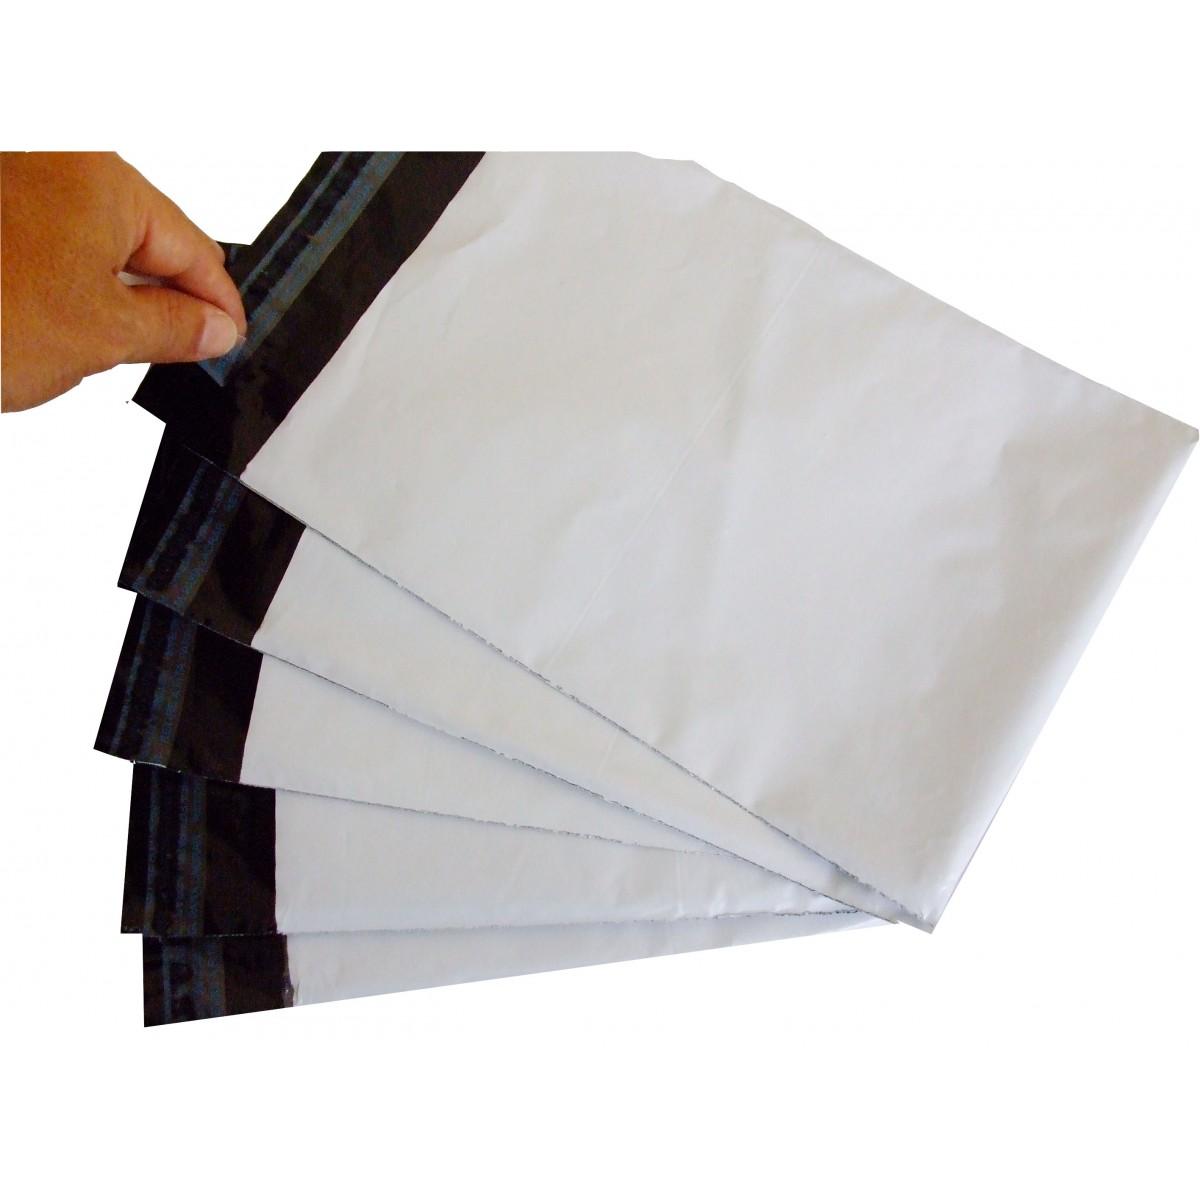 Envelope de Segurança Liso Branco L:50 X C:50 + 5 (Aba) cm